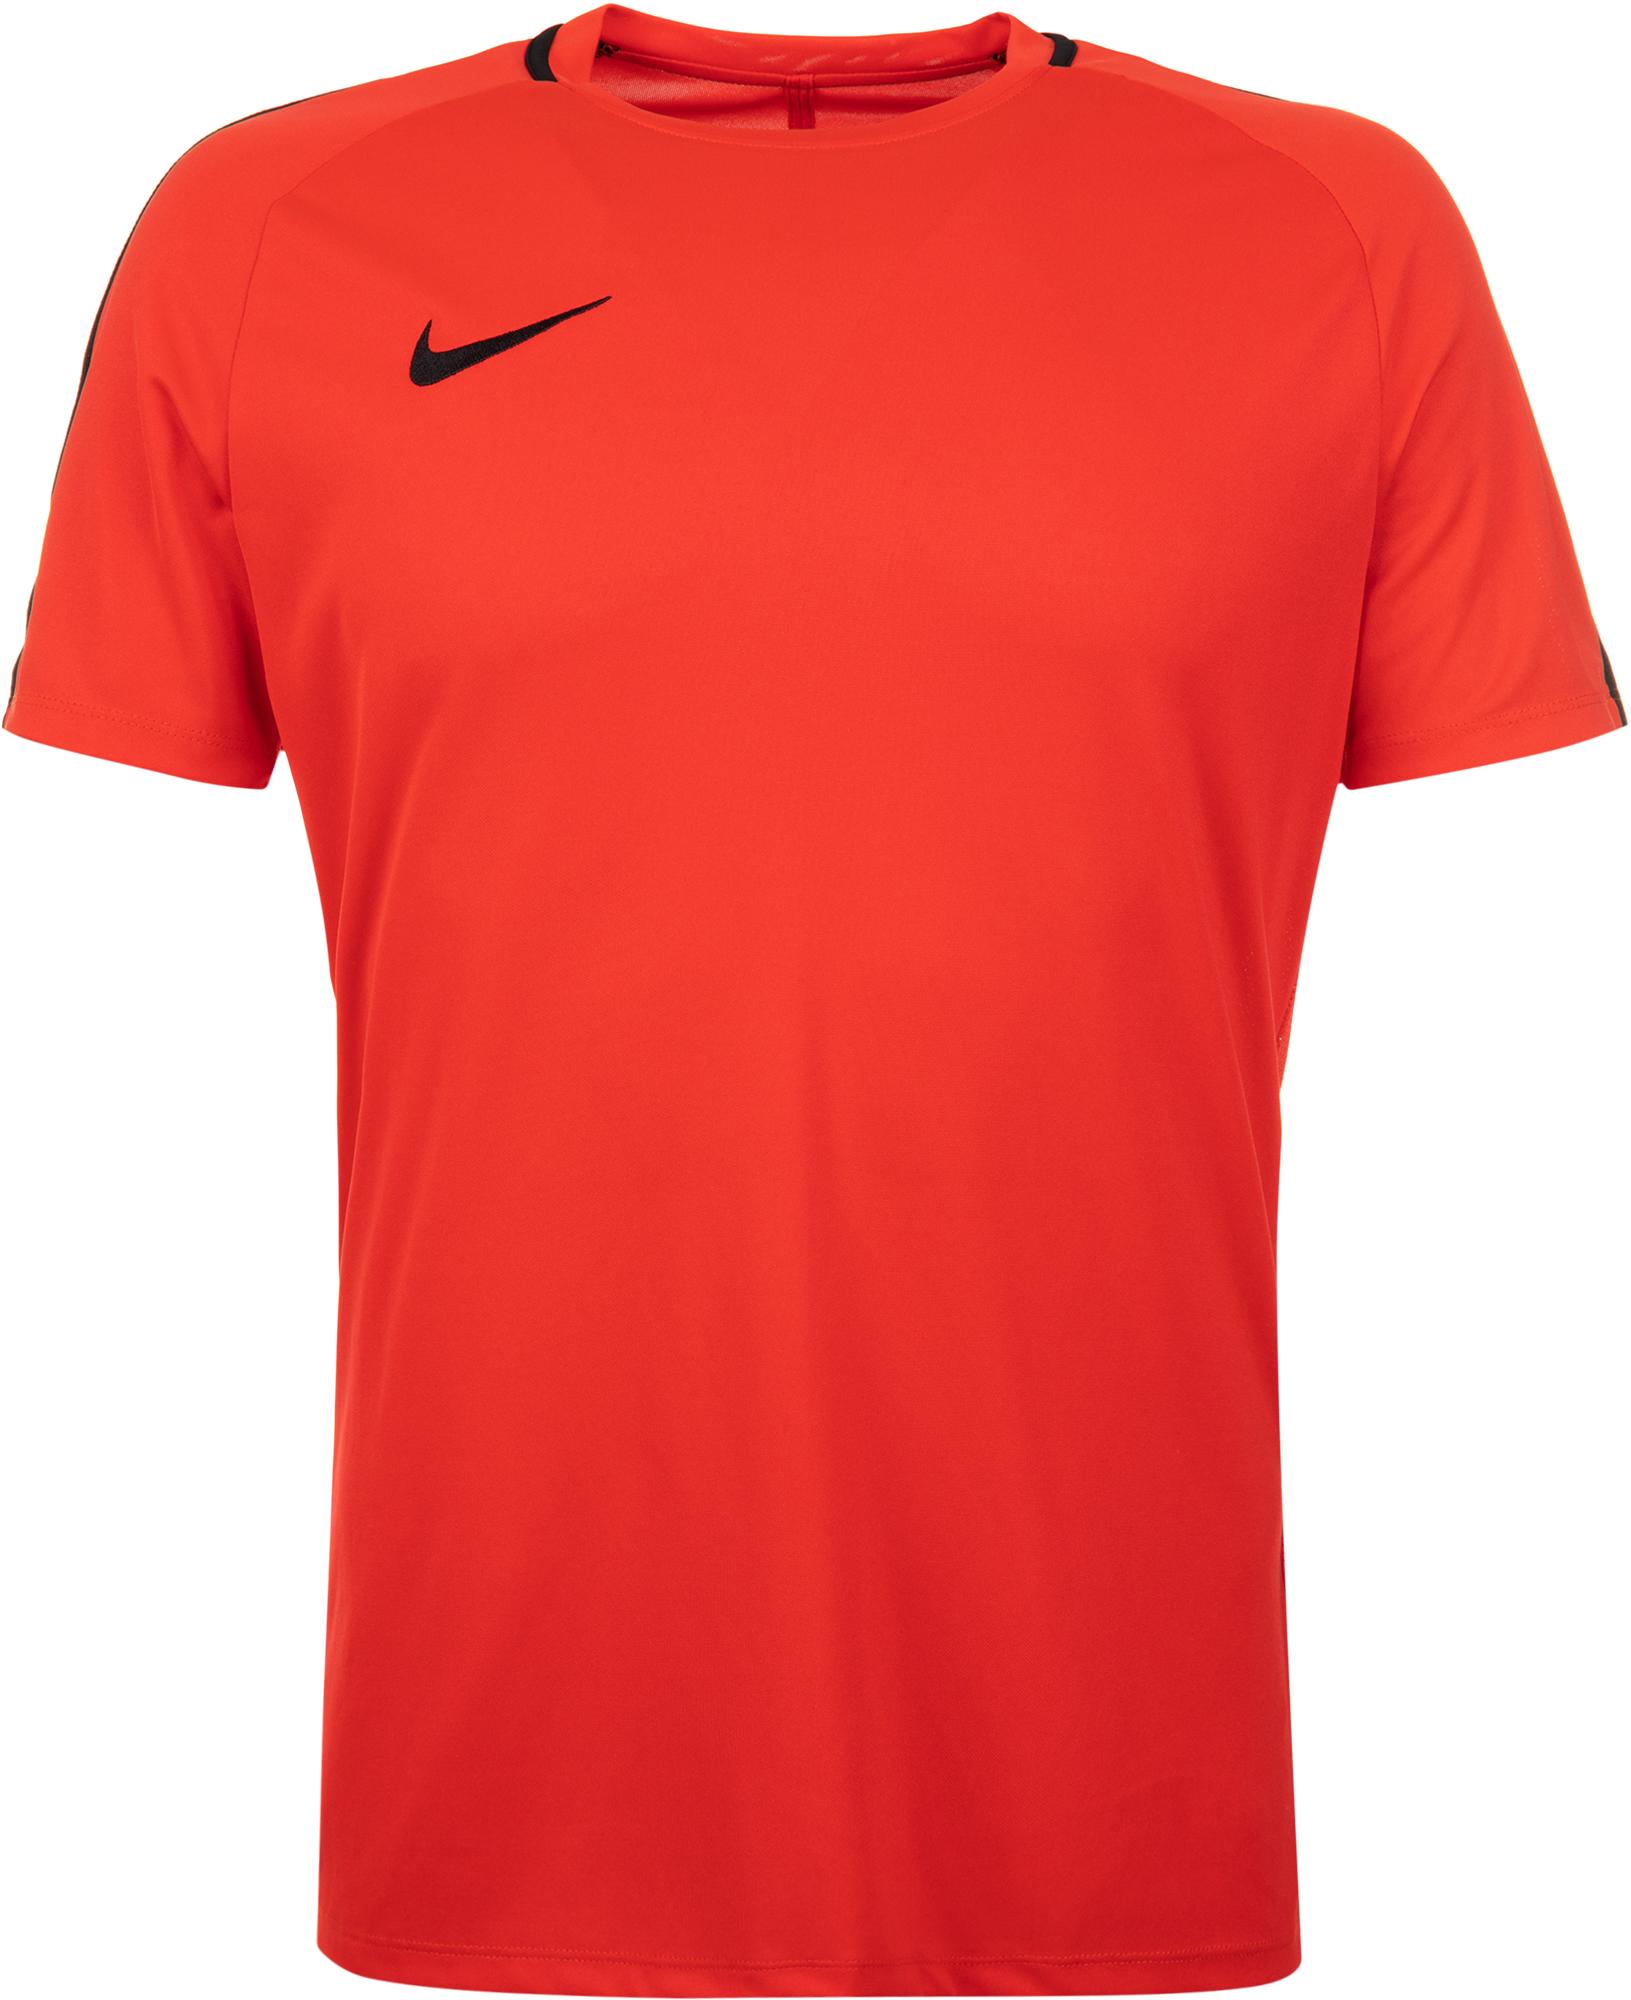 Nike Футболка мужская Nike Dry, размер 50-52 все цены